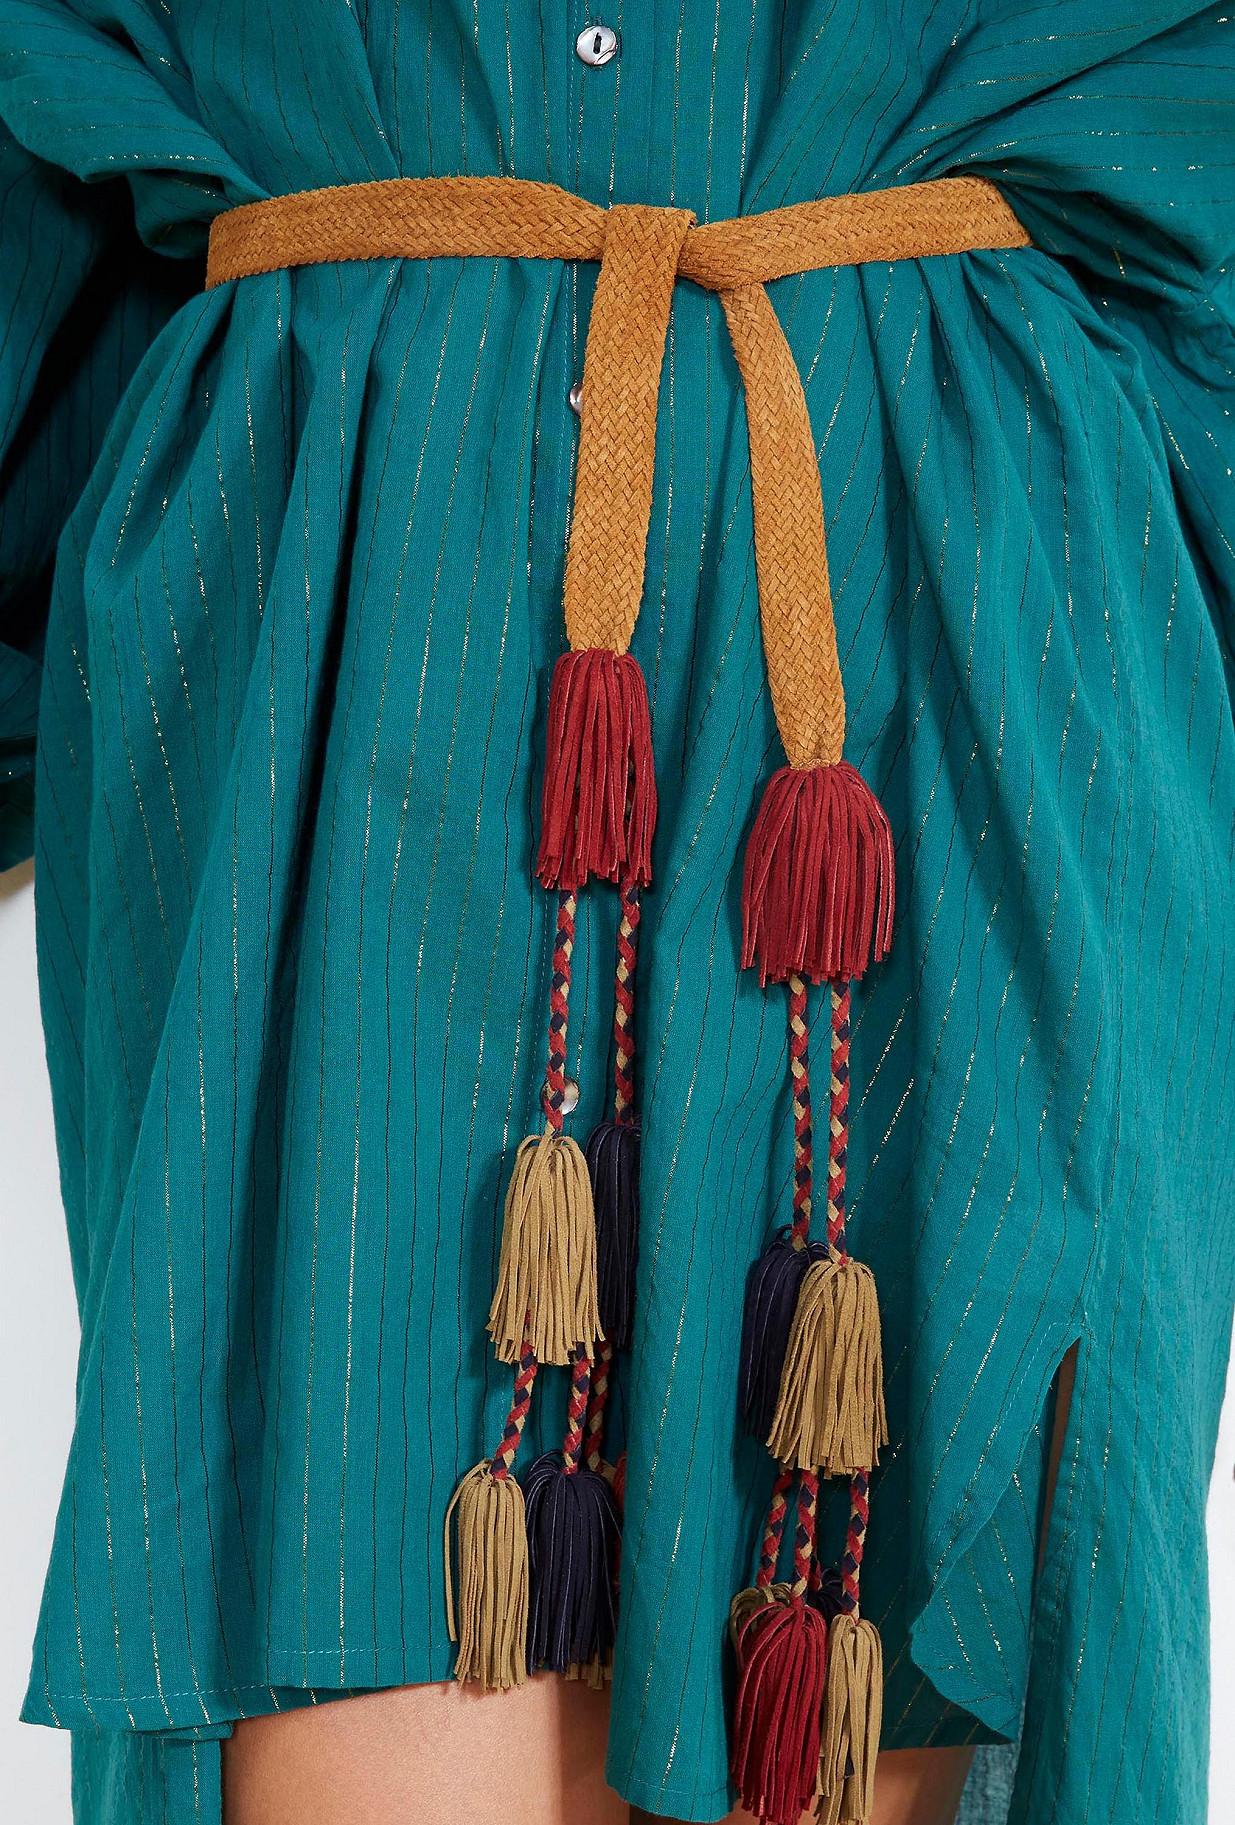 Camel  ACCESSORIES  Chenoa Mes demoiselles fashion clothes designer Paris